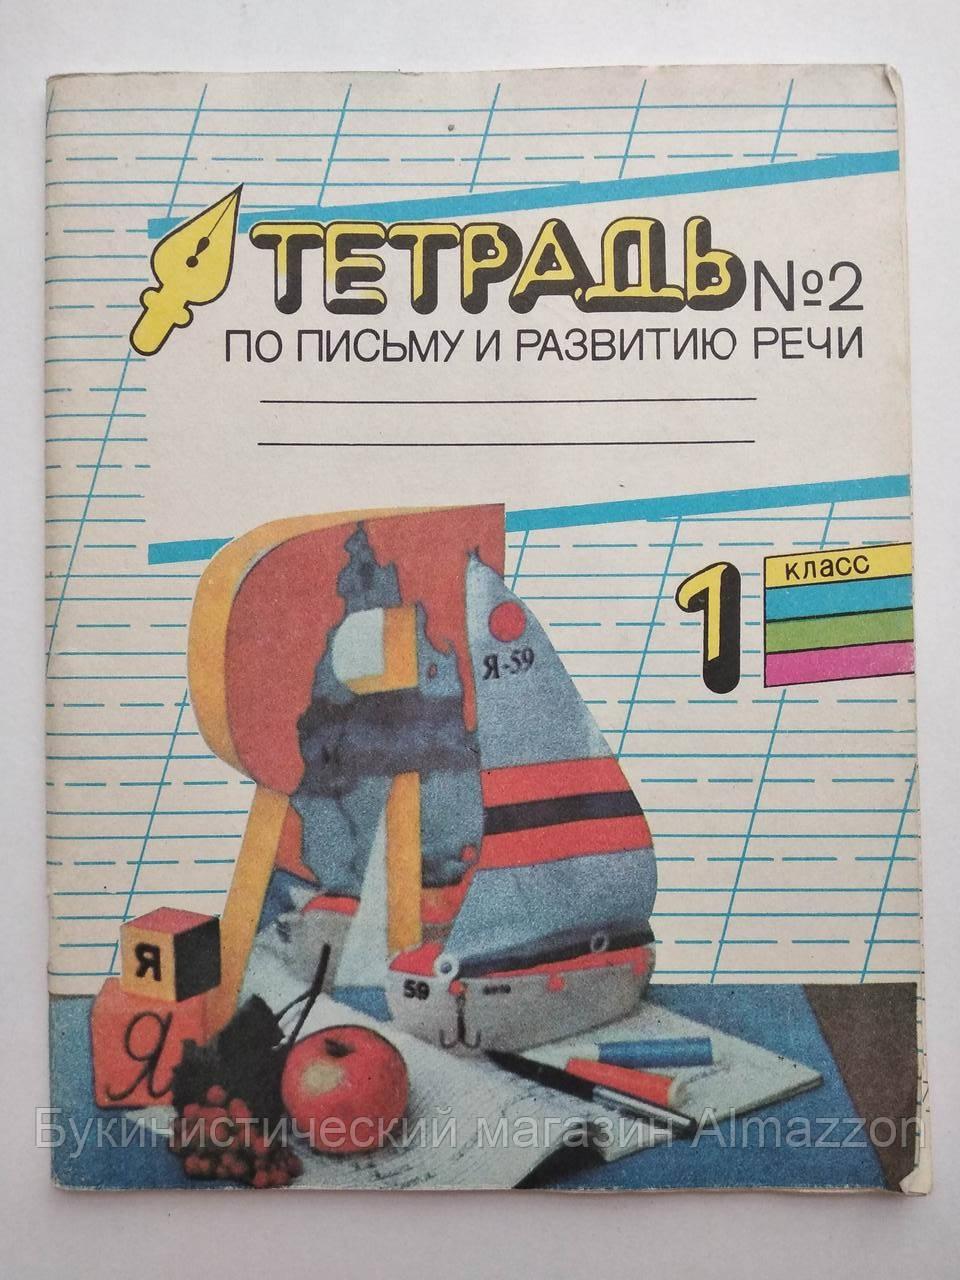 Тетрадь по письму и развитию речи № 2. 1 класс. 1990 год Чистая!